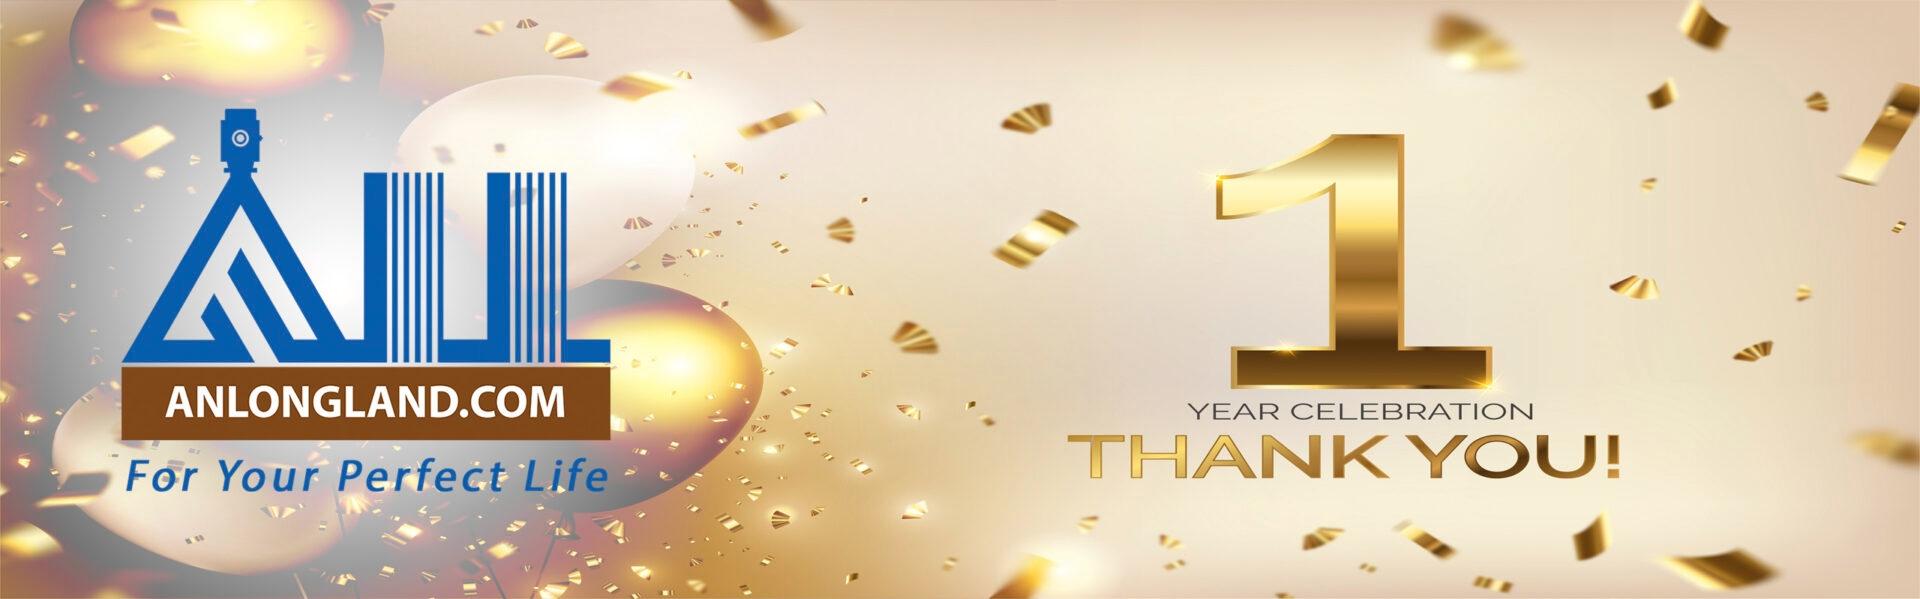 TNR Grand Long Khánh (@tnrgrandlongkhanh) Cover Image